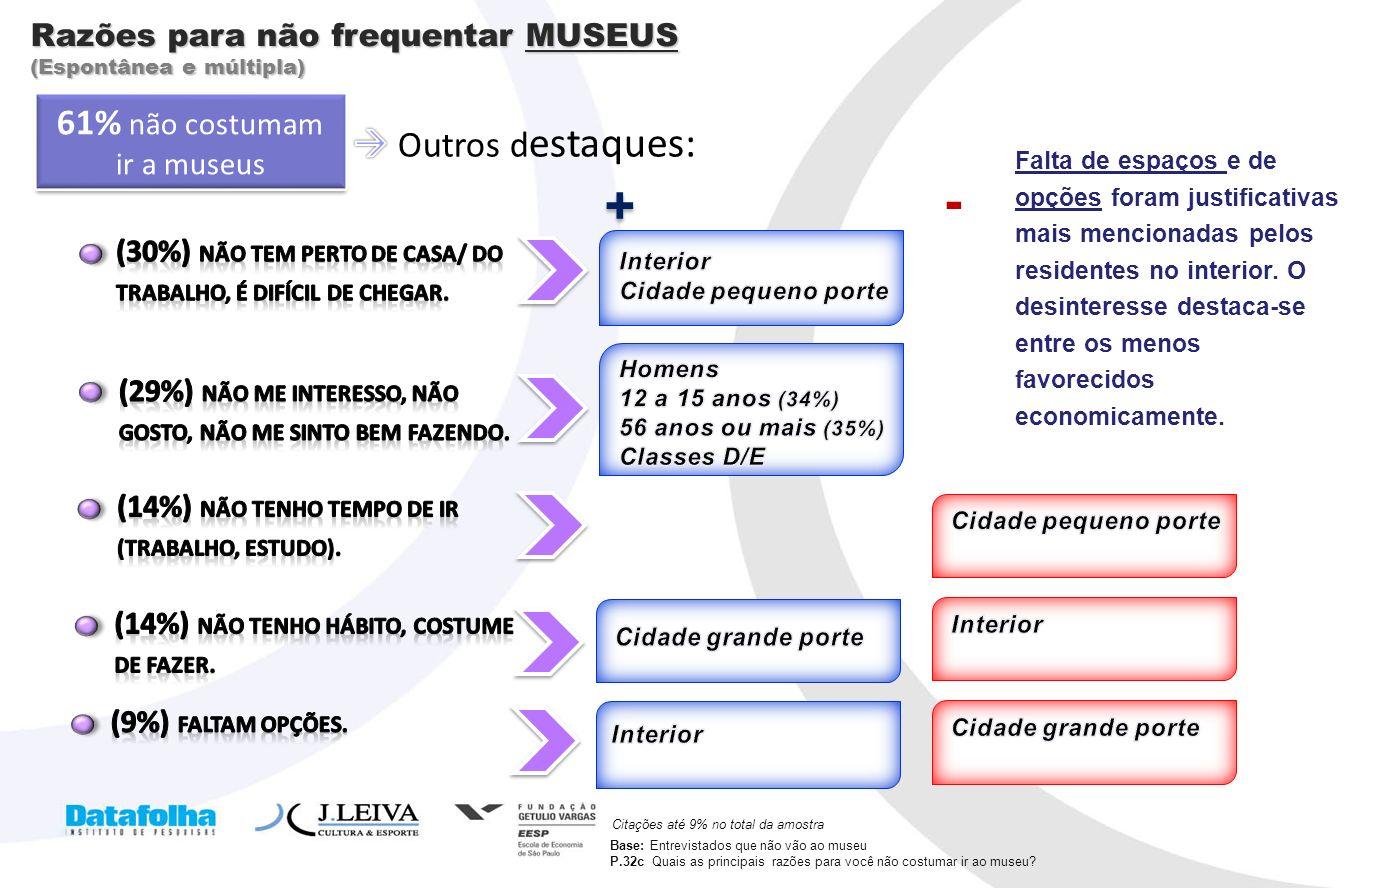 61% não costumam ir a museus